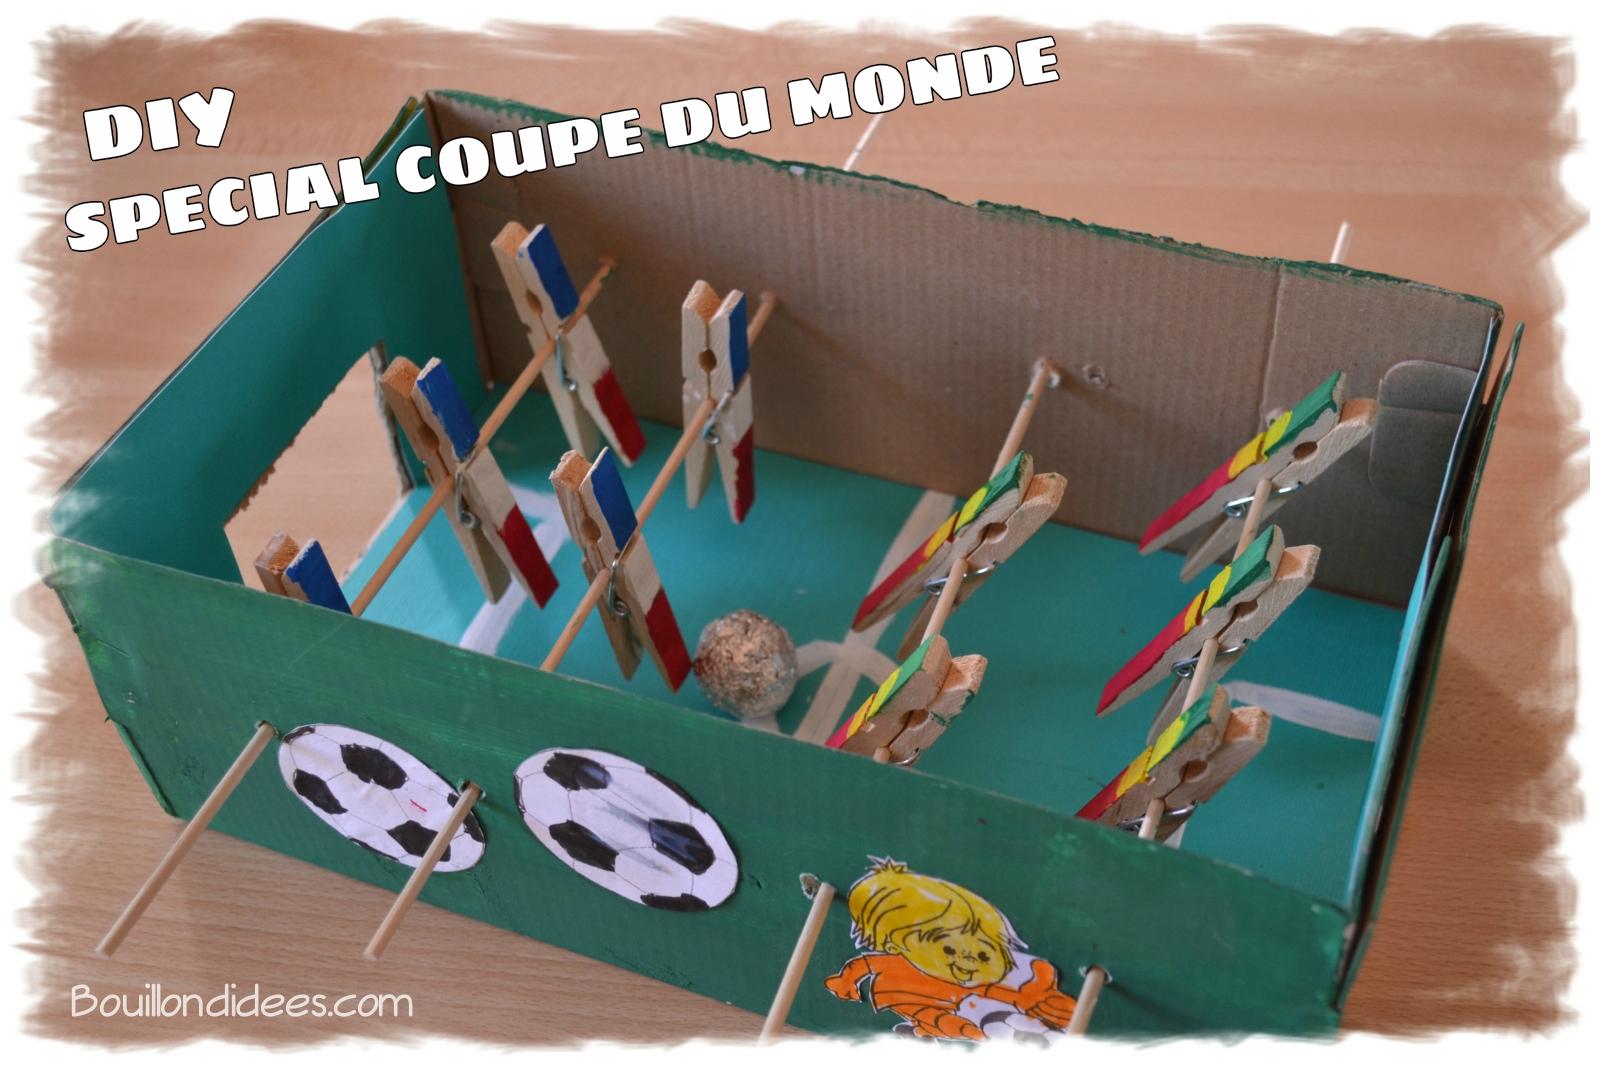 diy sp cial coupe du monde fabriquer un mini baby foot. Black Bedroom Furniture Sets. Home Design Ideas